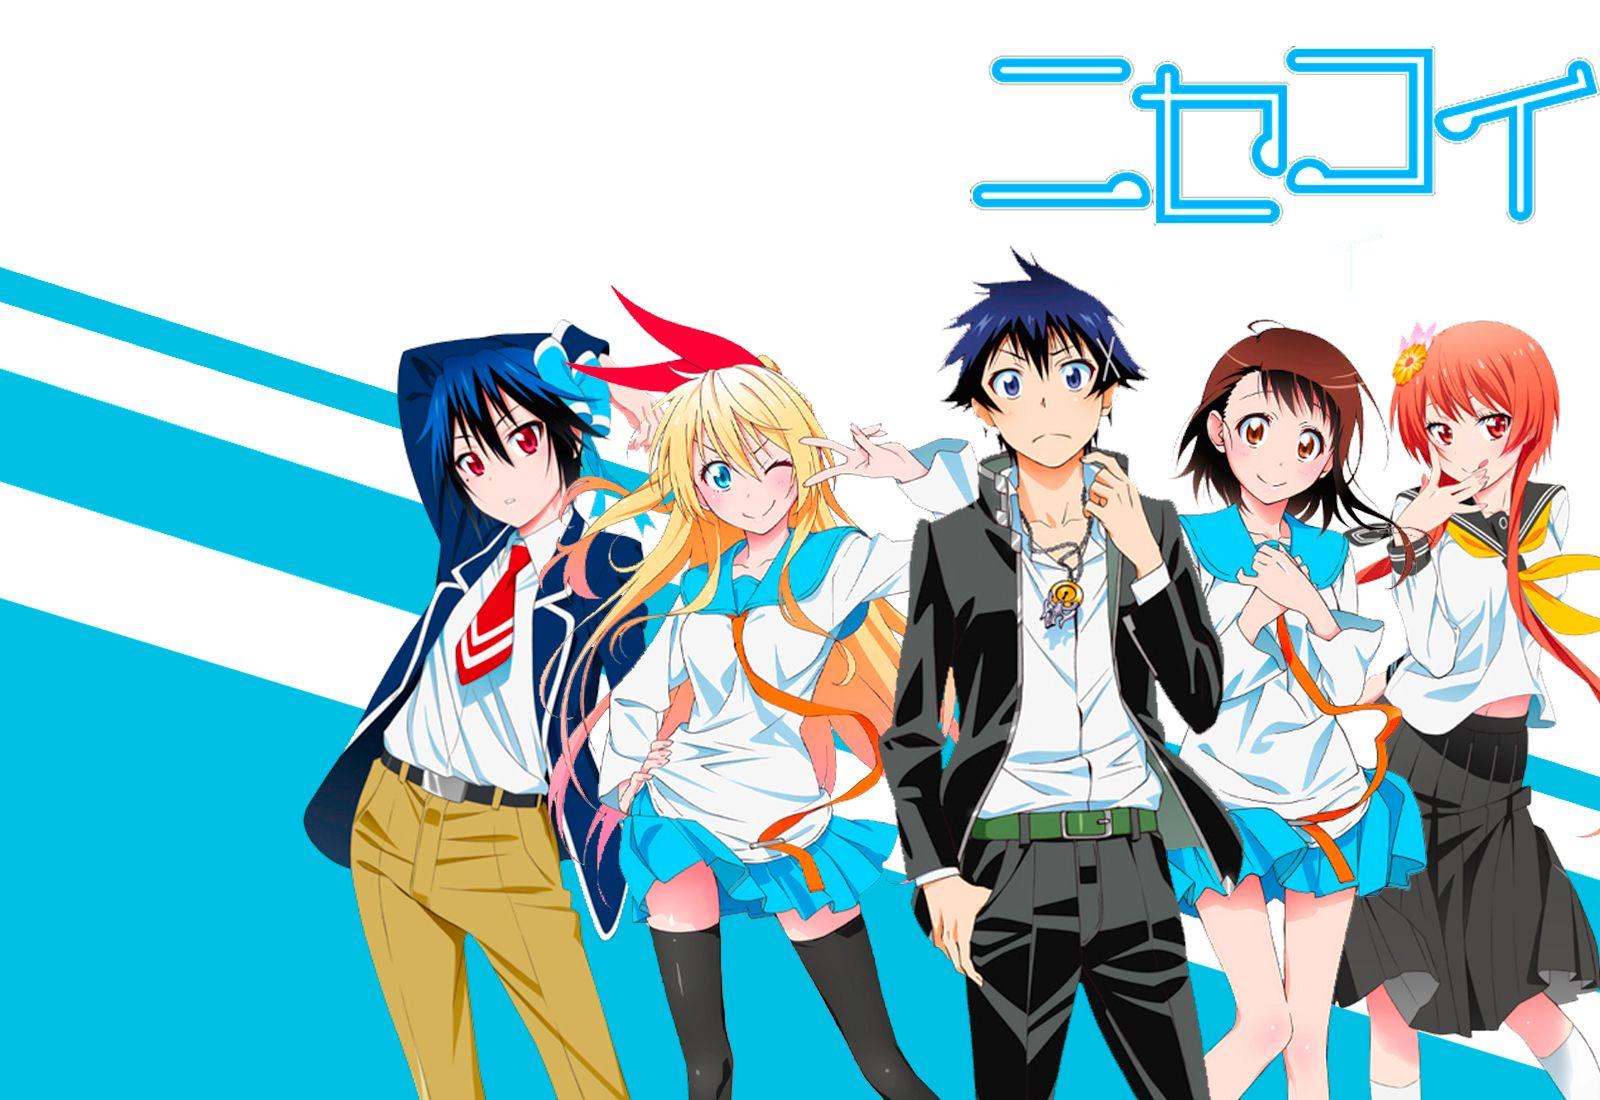 Animax Cartoon Wallpaper nisekoi (s1, 3 ovas, s2, | nisekoi wallpaper, nisekoi, anime